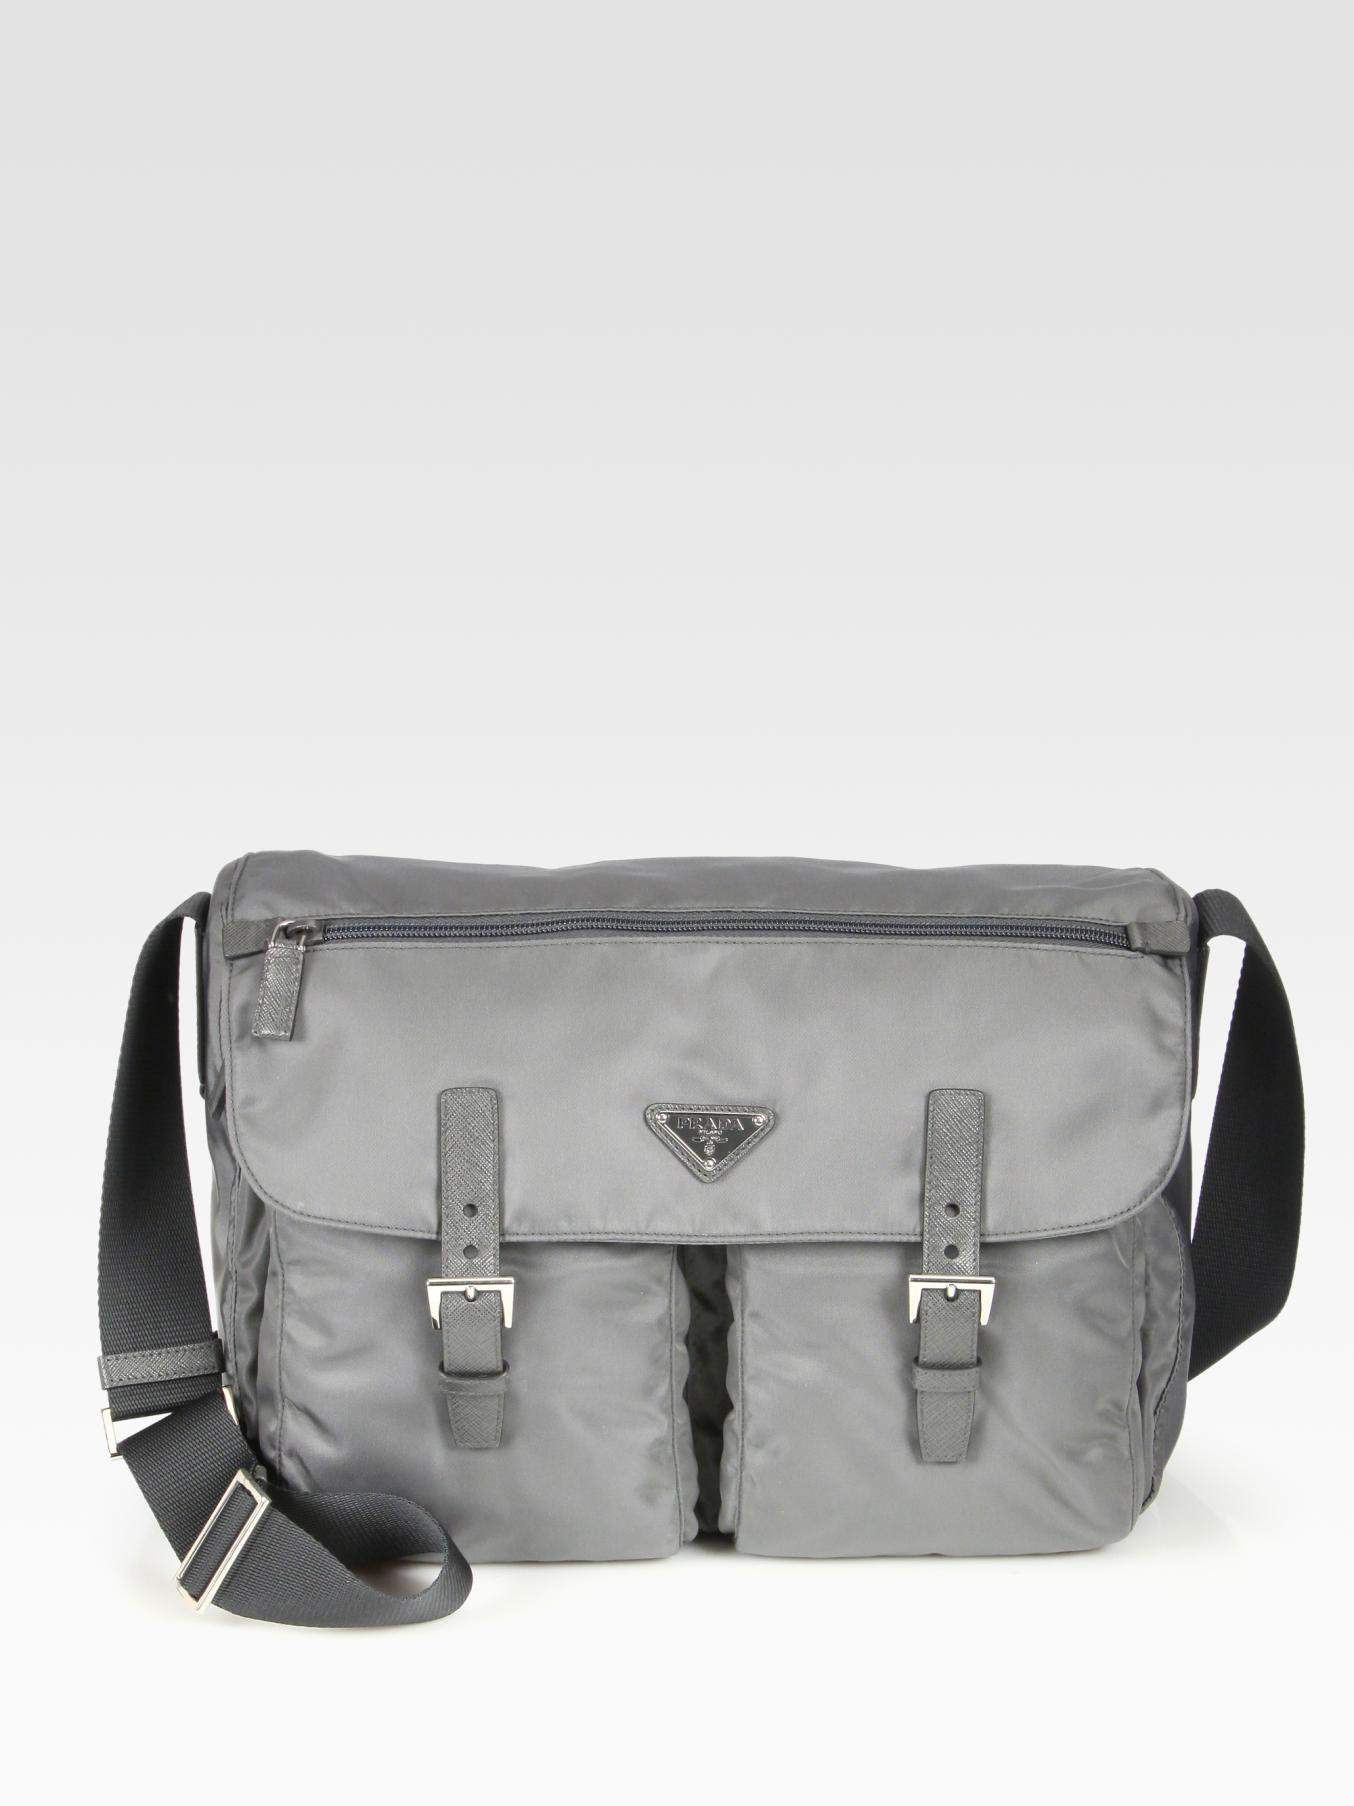 cf09f070a04529 ... australia lyst prada vela messenger bag in gray for men 4e012 56b59